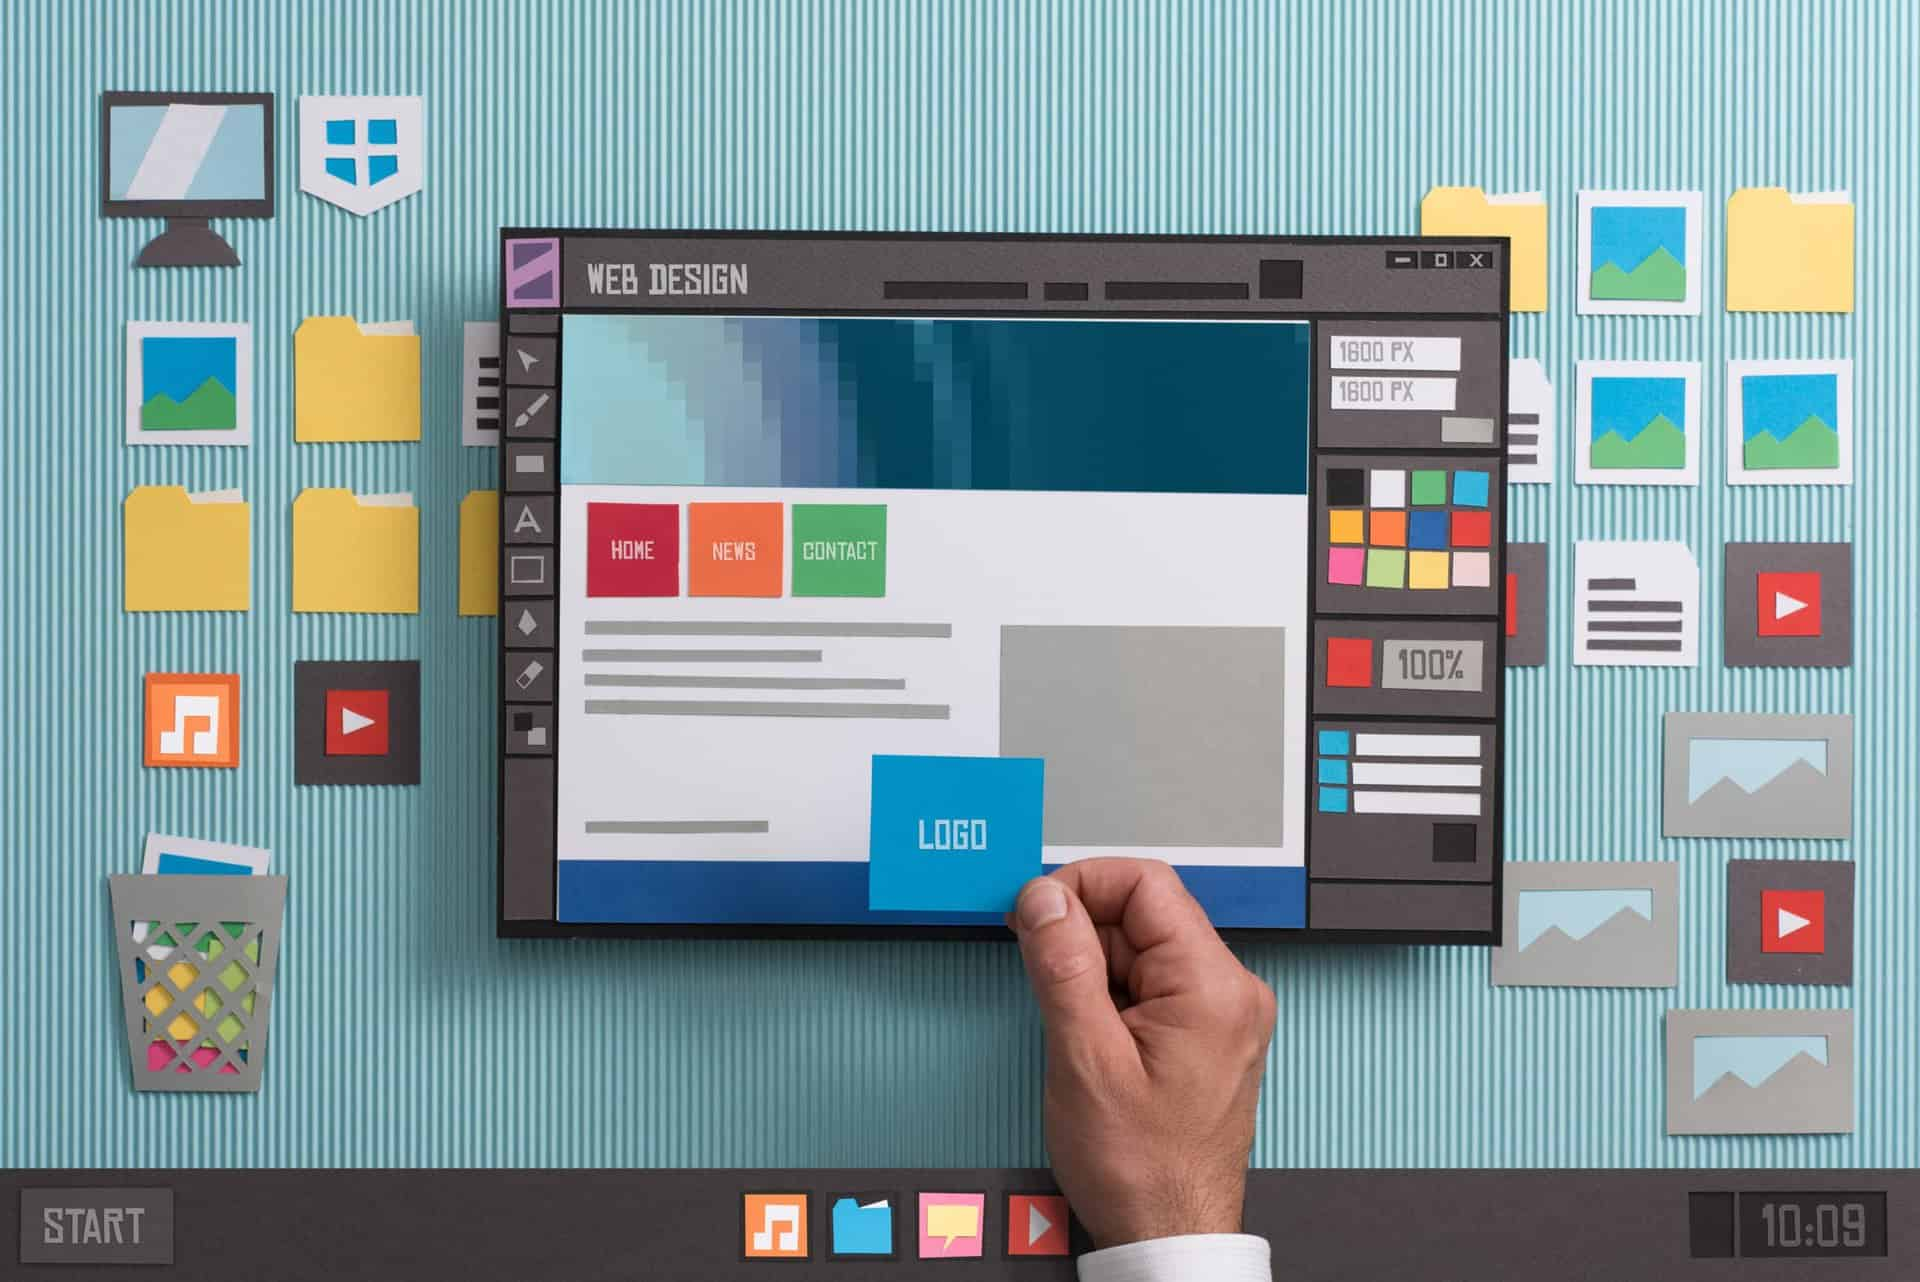 Los 7 pasos fundamentales para crear un diseño web profesional